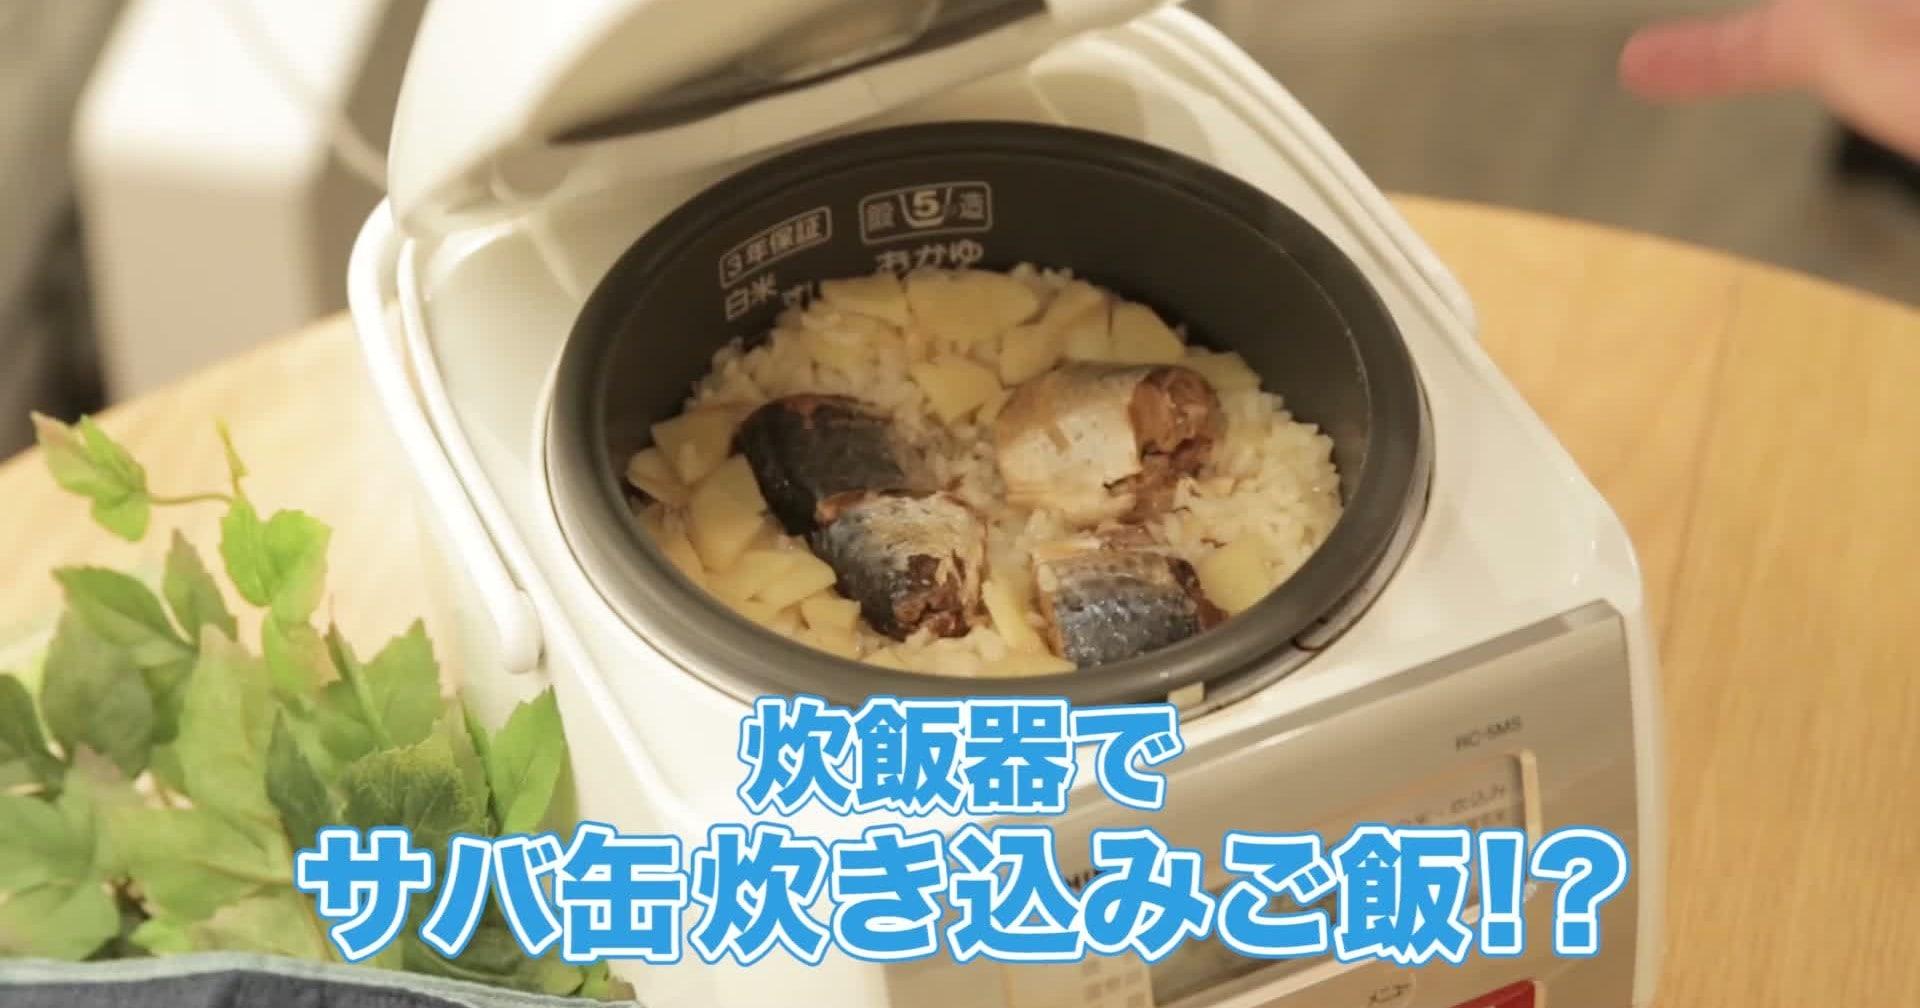 器 レシピ 炊飯 ご飯